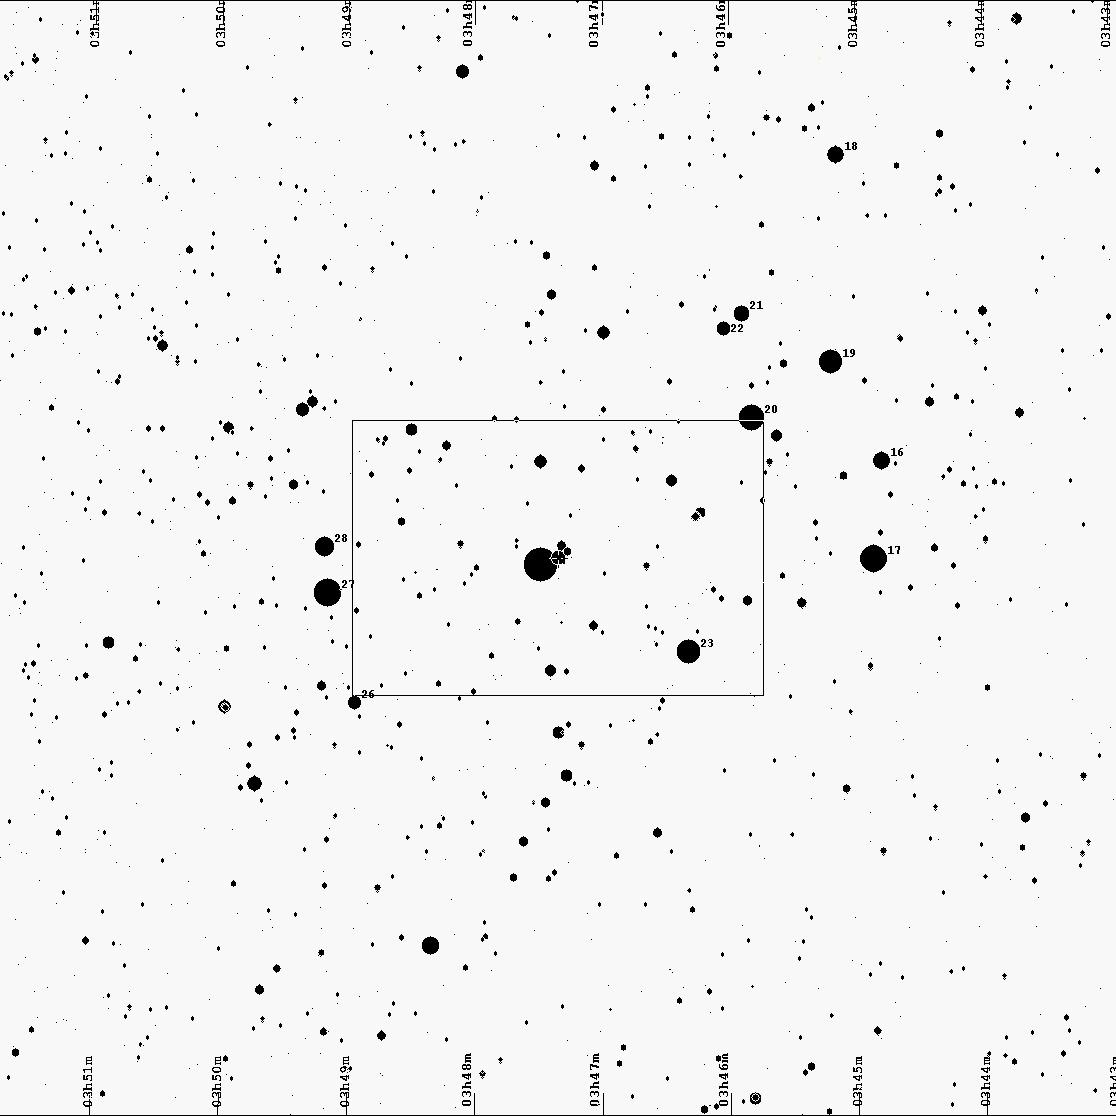 Mapka Plejad z zaznaczoną gwiazdą, zakrywaną przez planetoidę 2520 Noworosyjsk 7 września 2015 r.